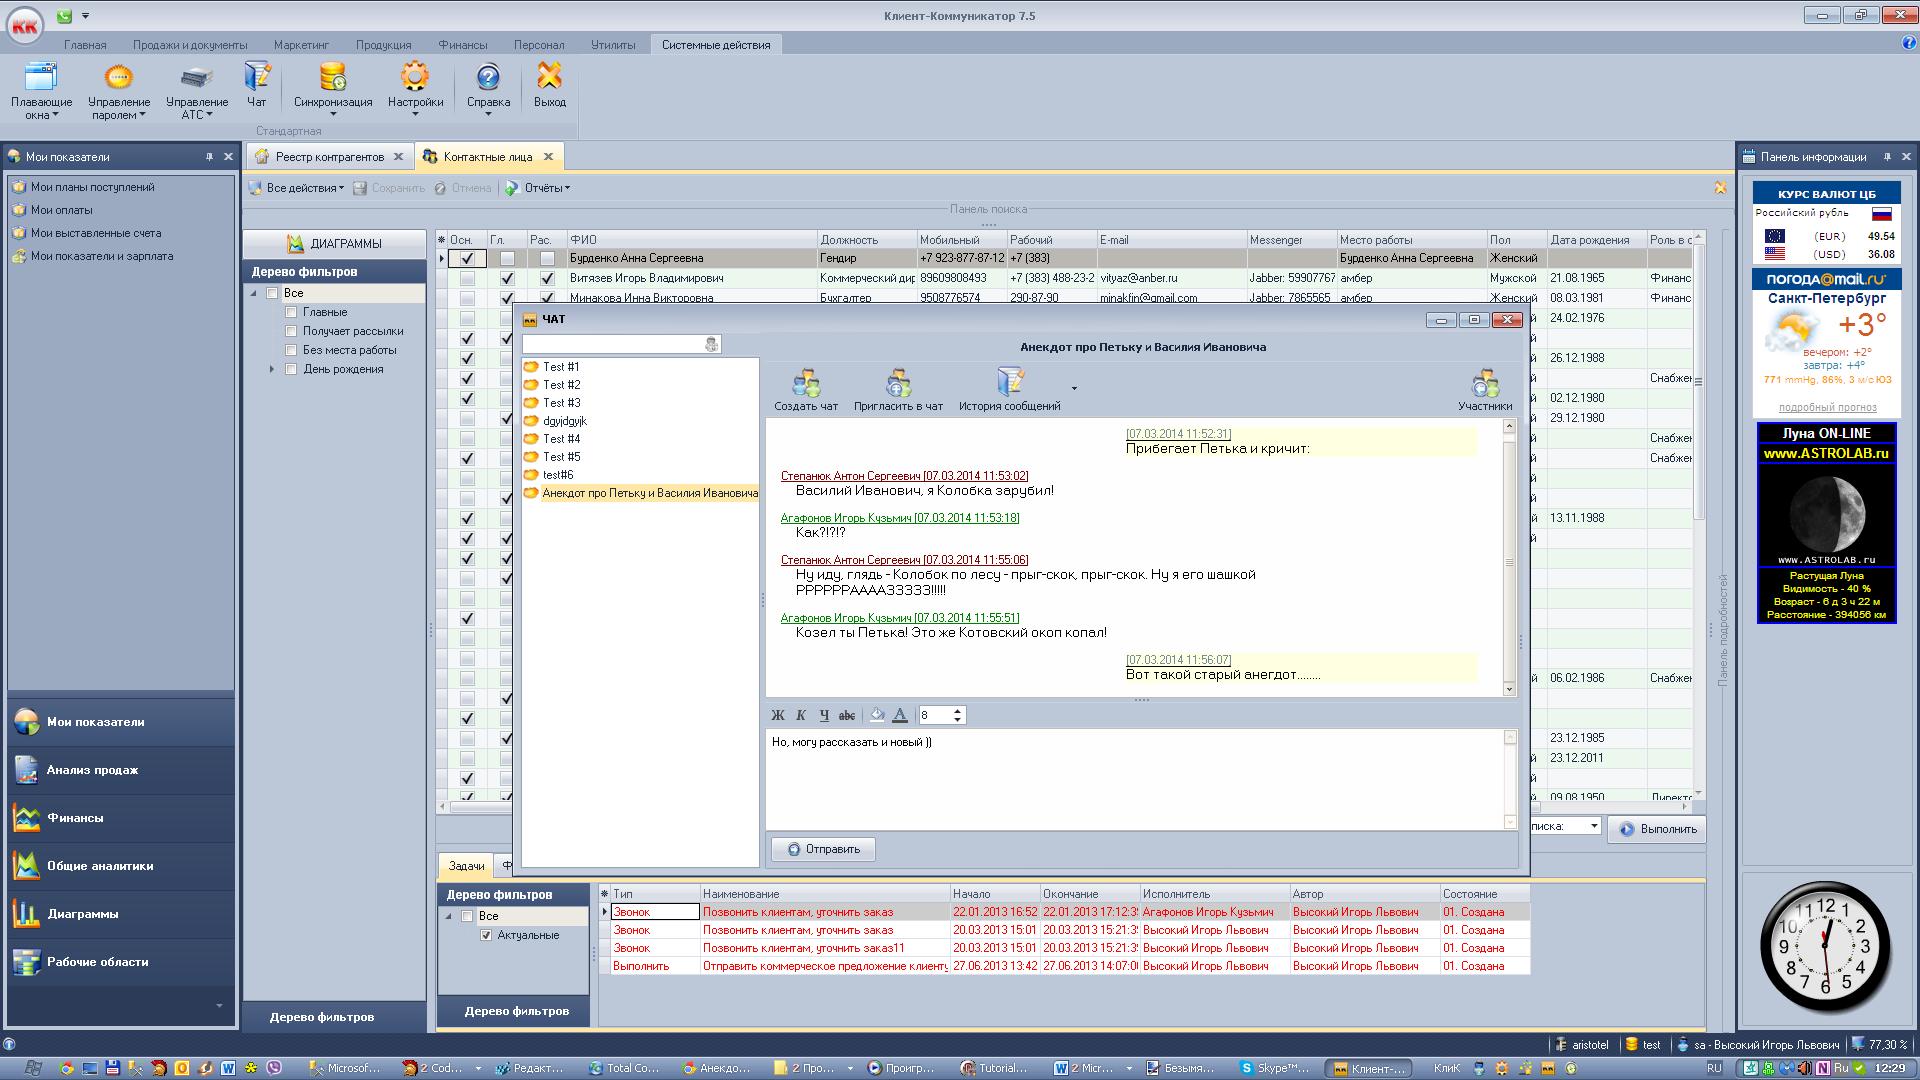 Crm системы клик почтовые шаблоны битрикс с картинками